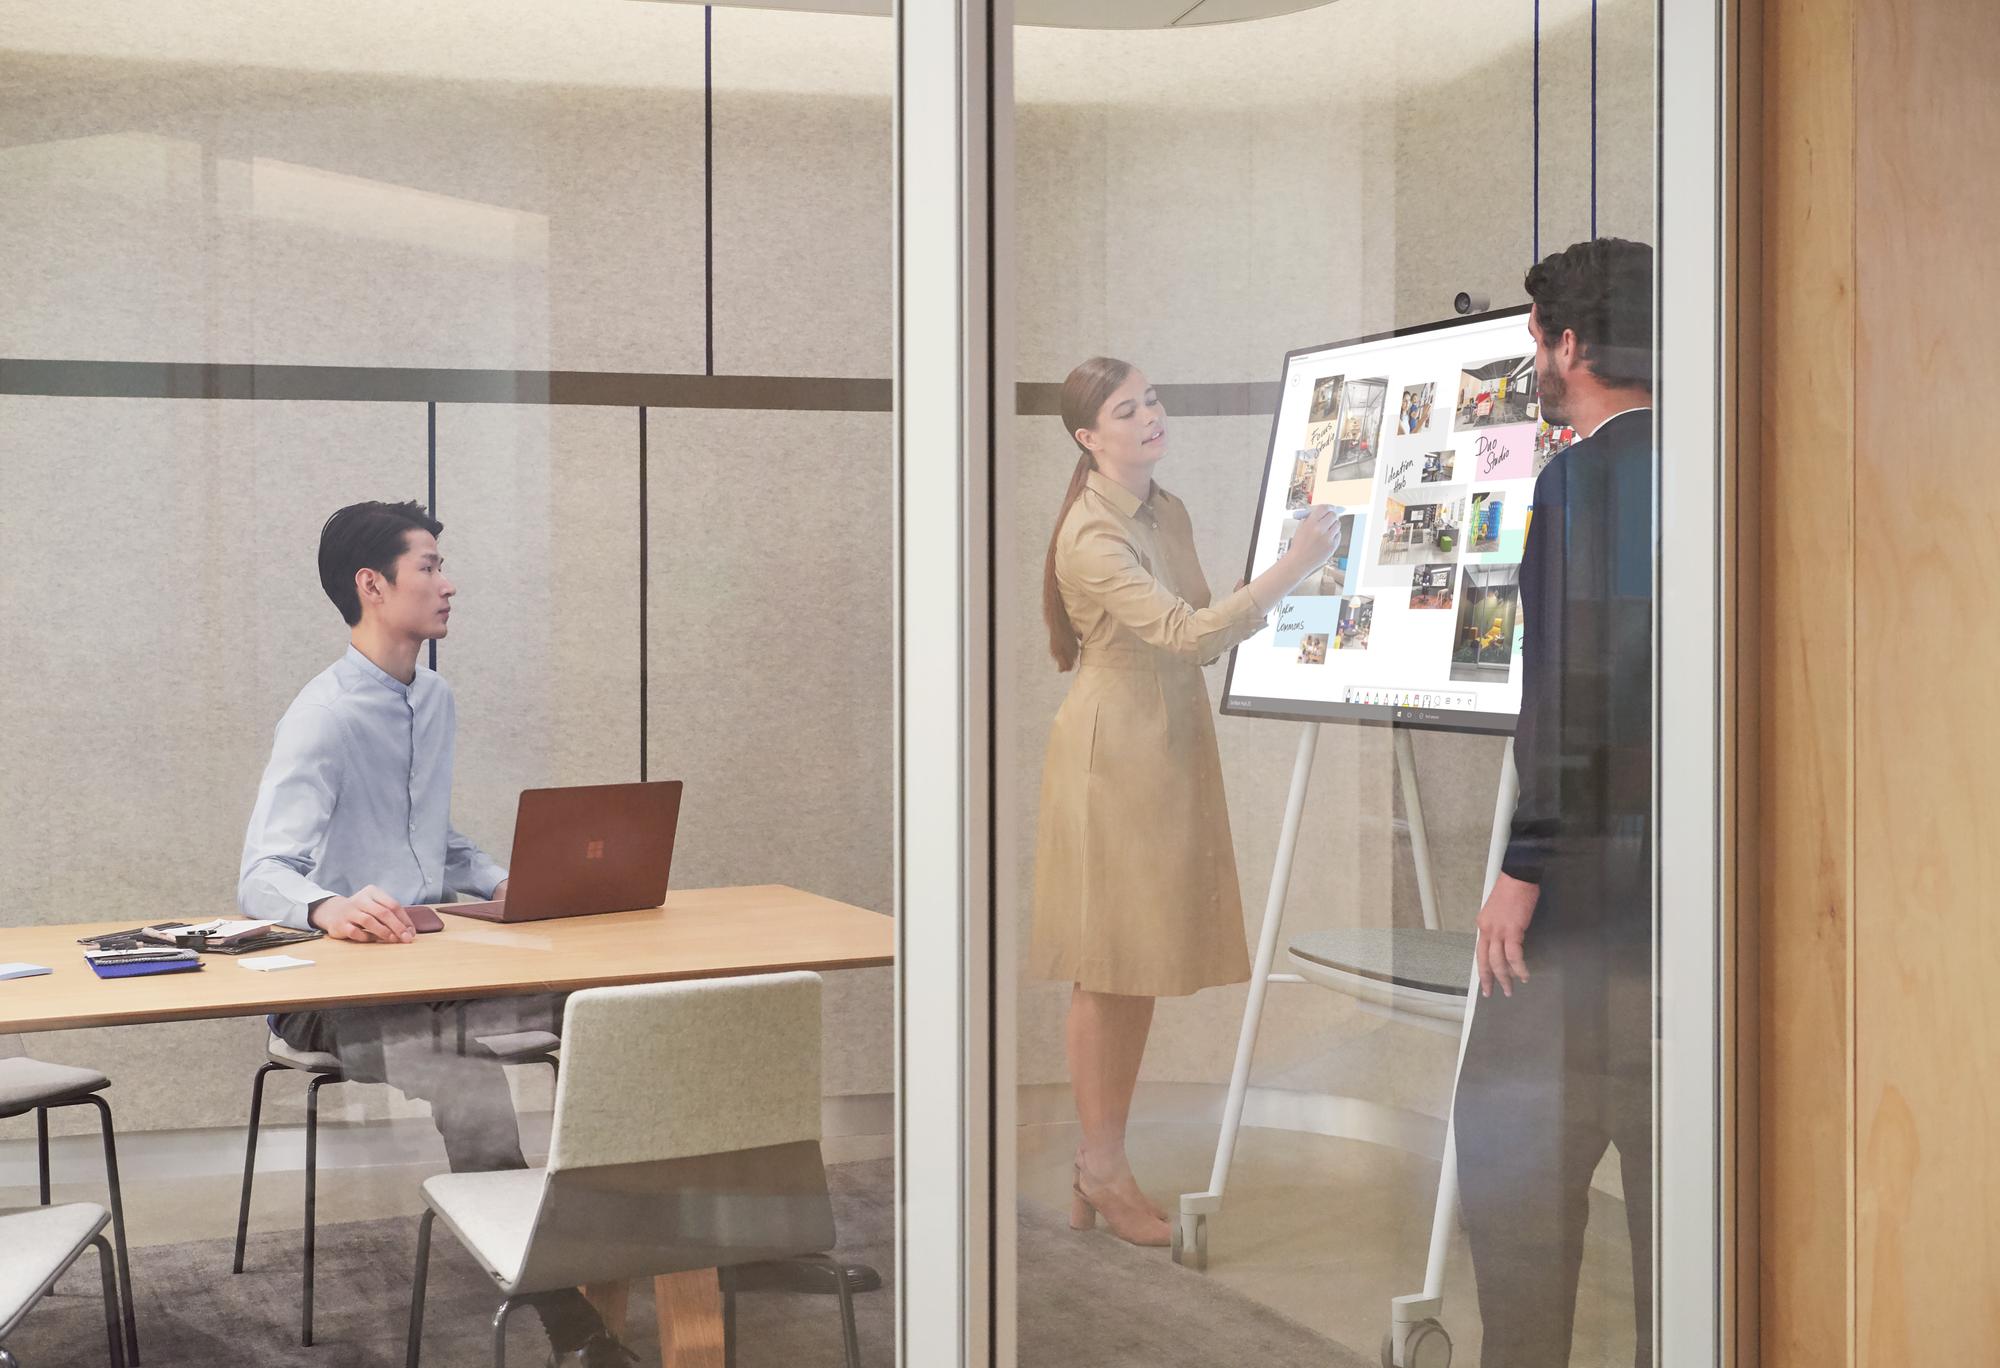 In einem Büroraum sitzt ein Mann am Tisch mit dem Surface Laptop und schaut auf ein Surface Hub, auf dem eine Frau etwas mit dem Surface Hub 2 Pen tippt, ein weiterer Mann betritt ebenfalls den Raum